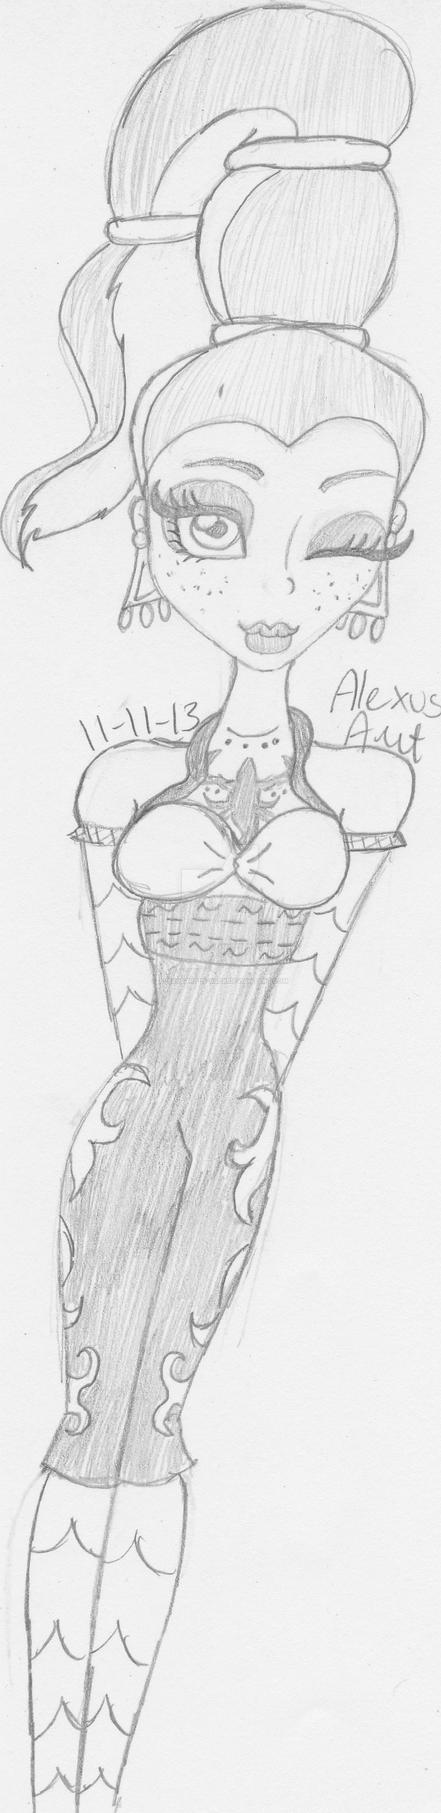 Download Monster High: GiGi Grant FanArt by AlexusArt-is-back on DeviantArt